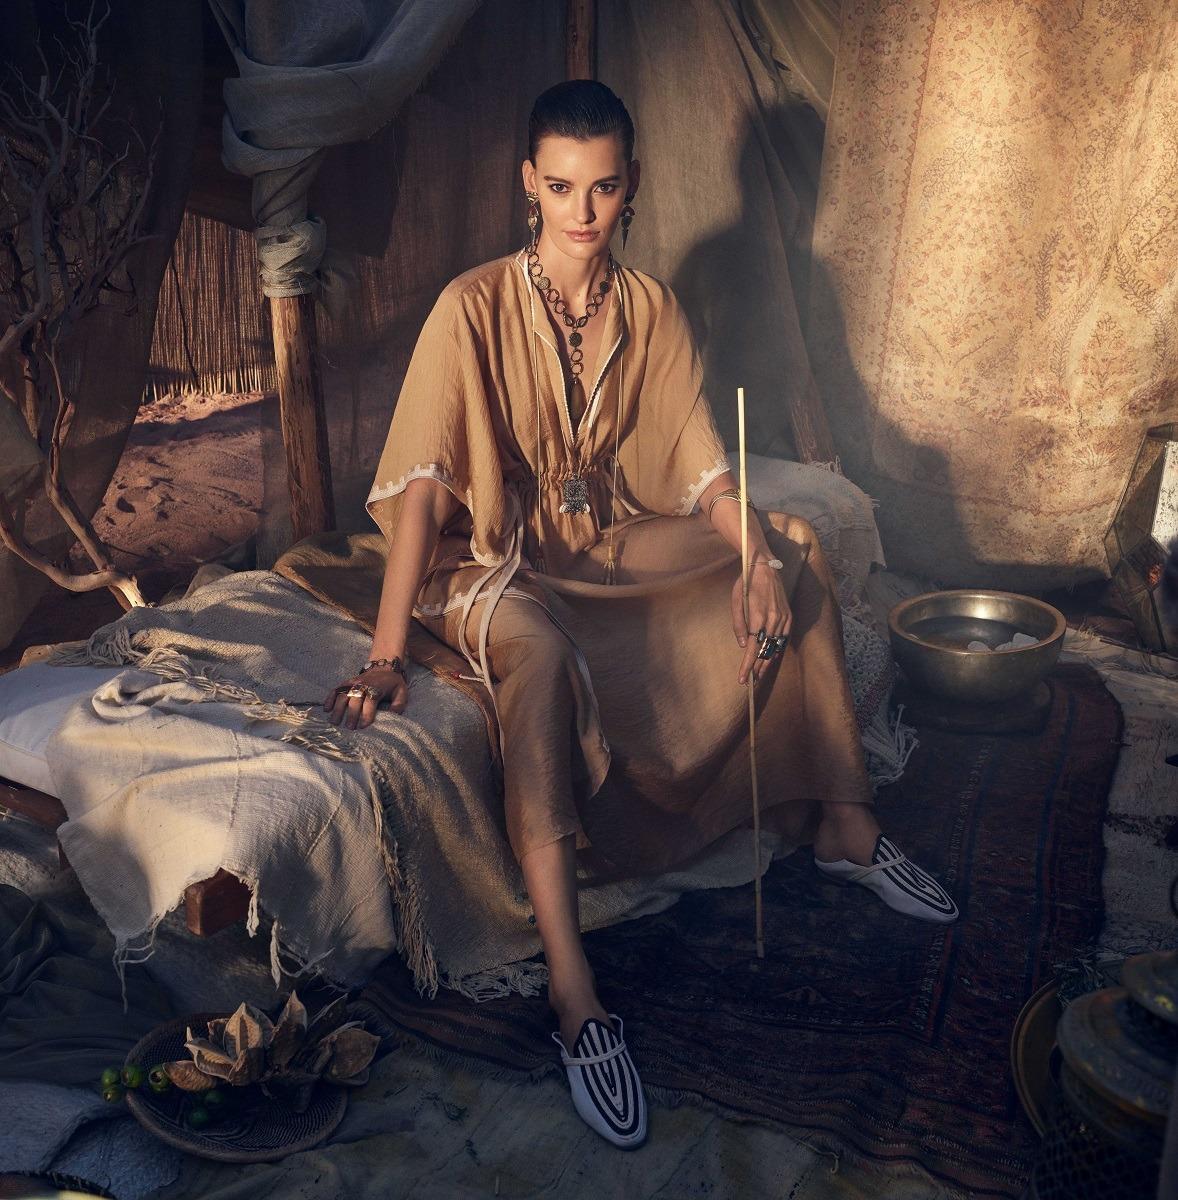 ZARA-tendencias-moda-verano-2019